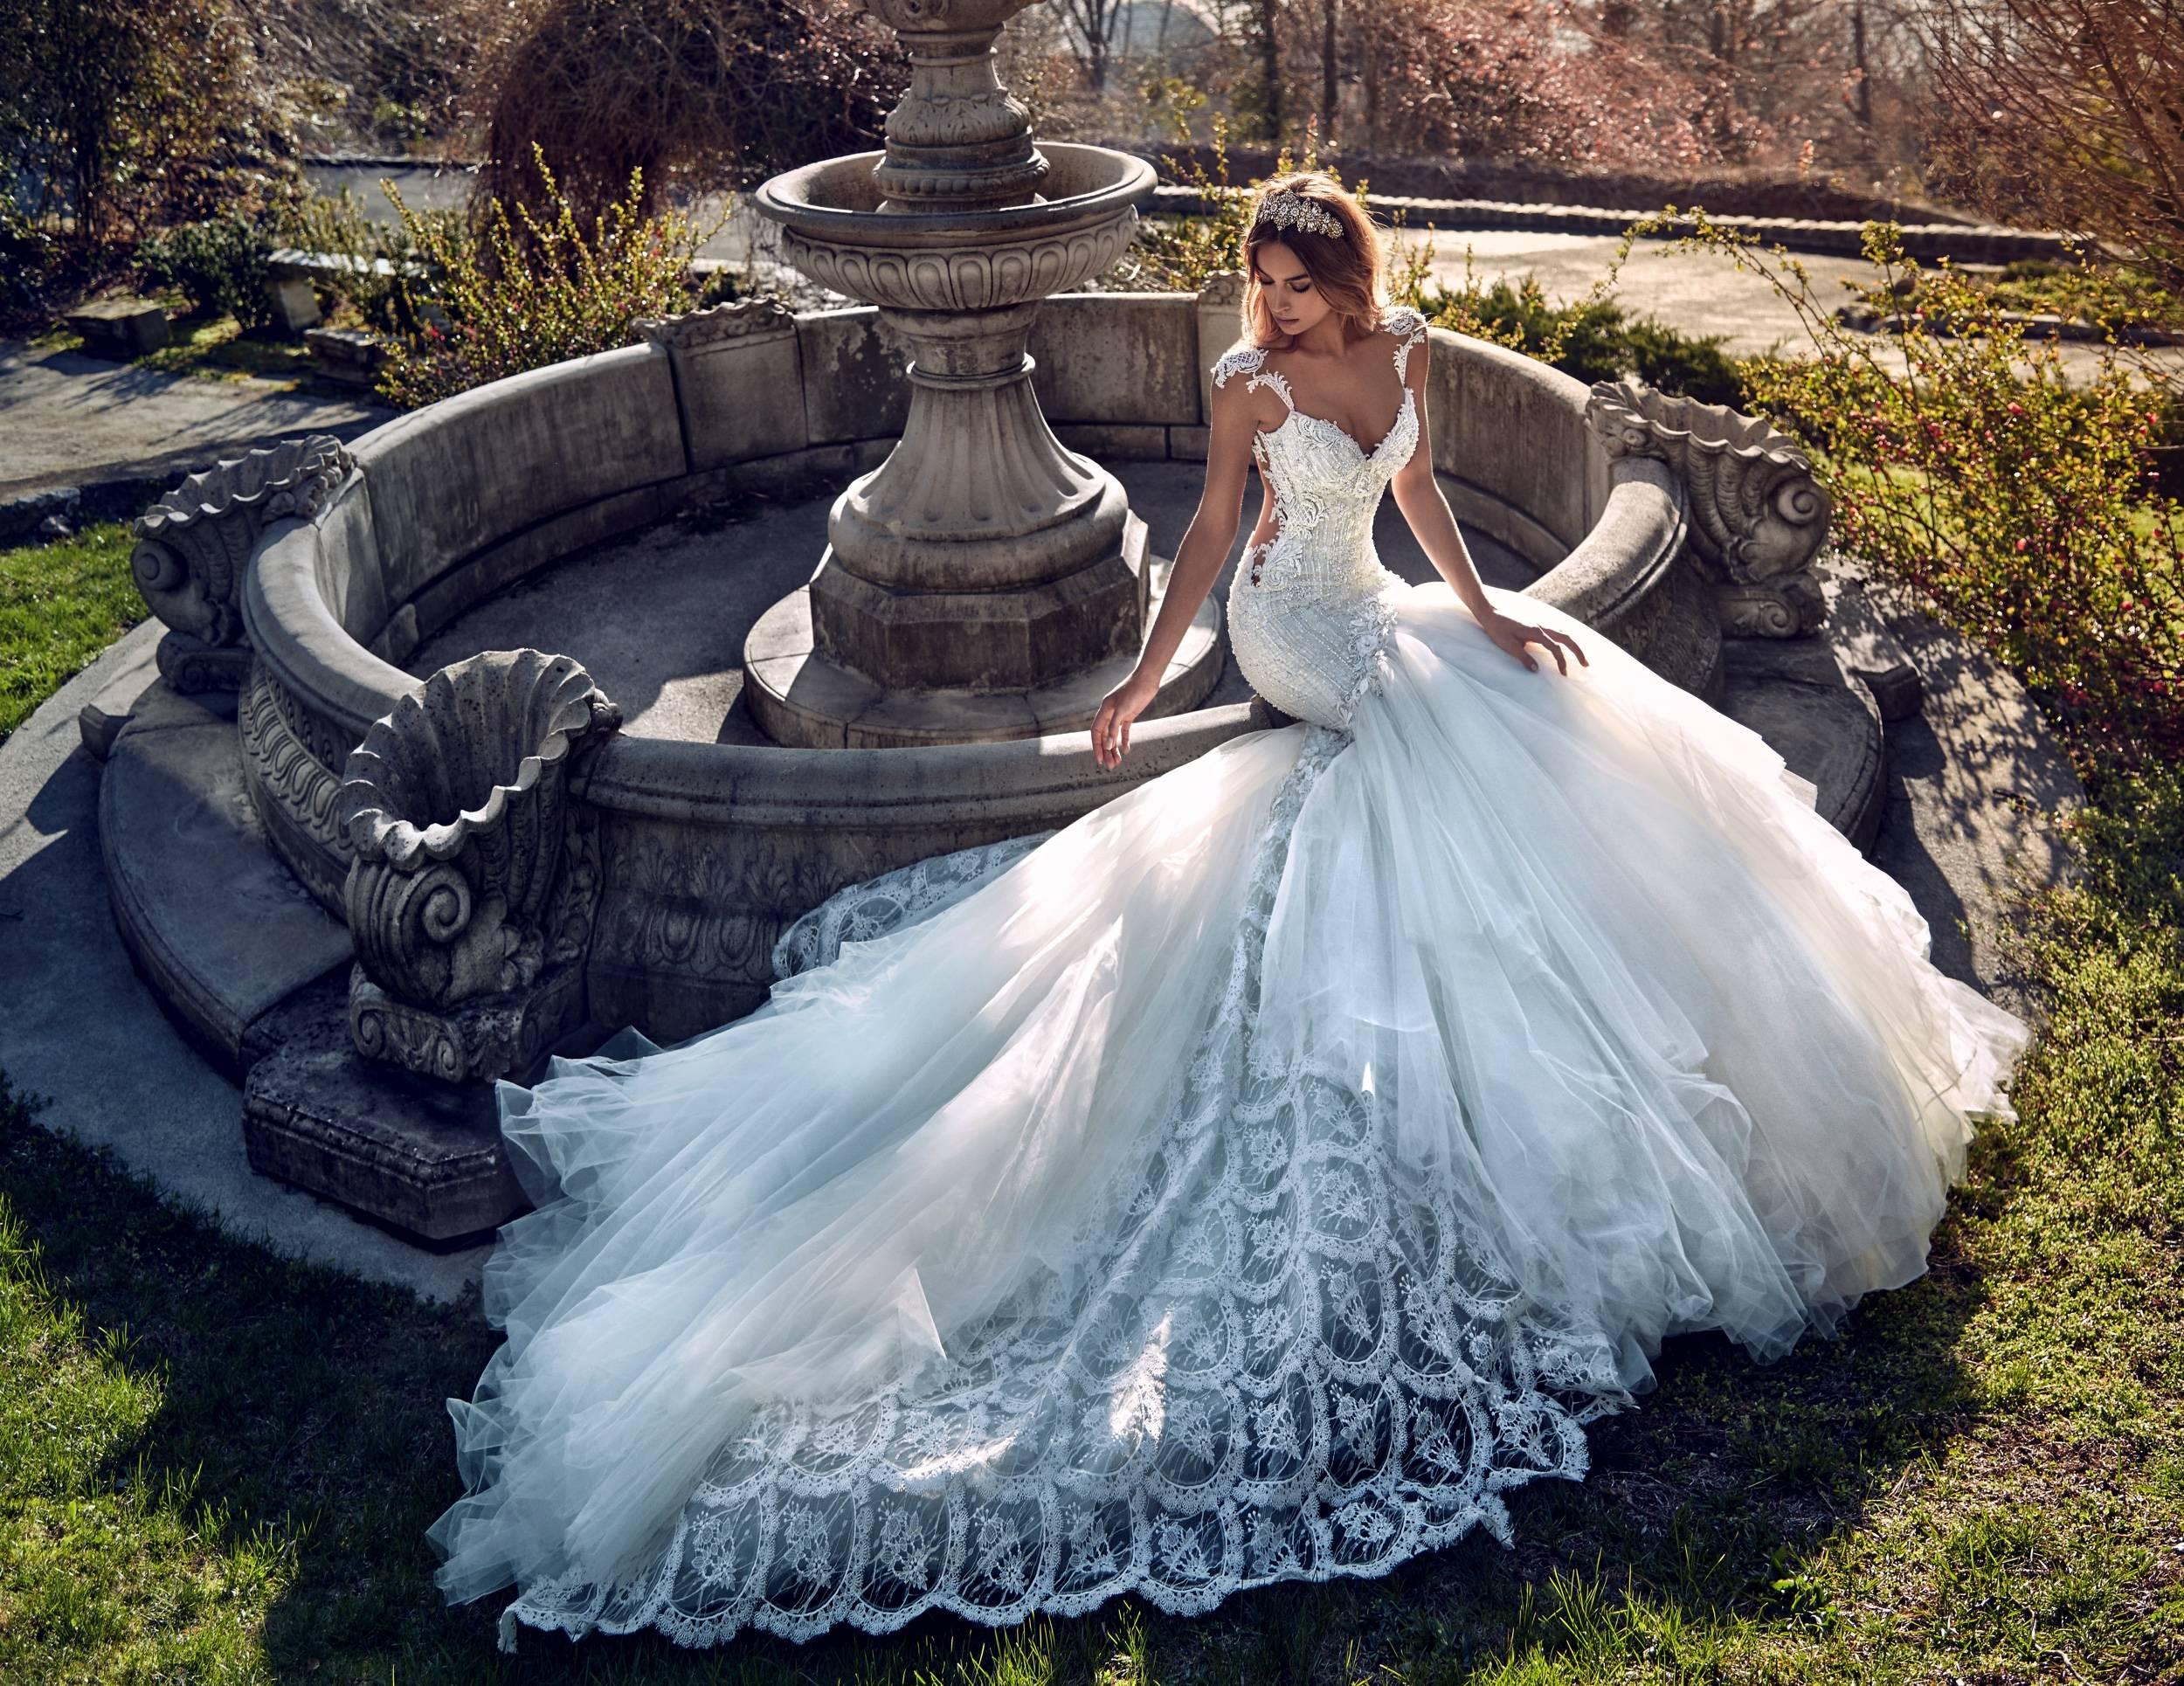 Стираем свадебное платье в домашних условиях: машинка-автомат или ручная стирка